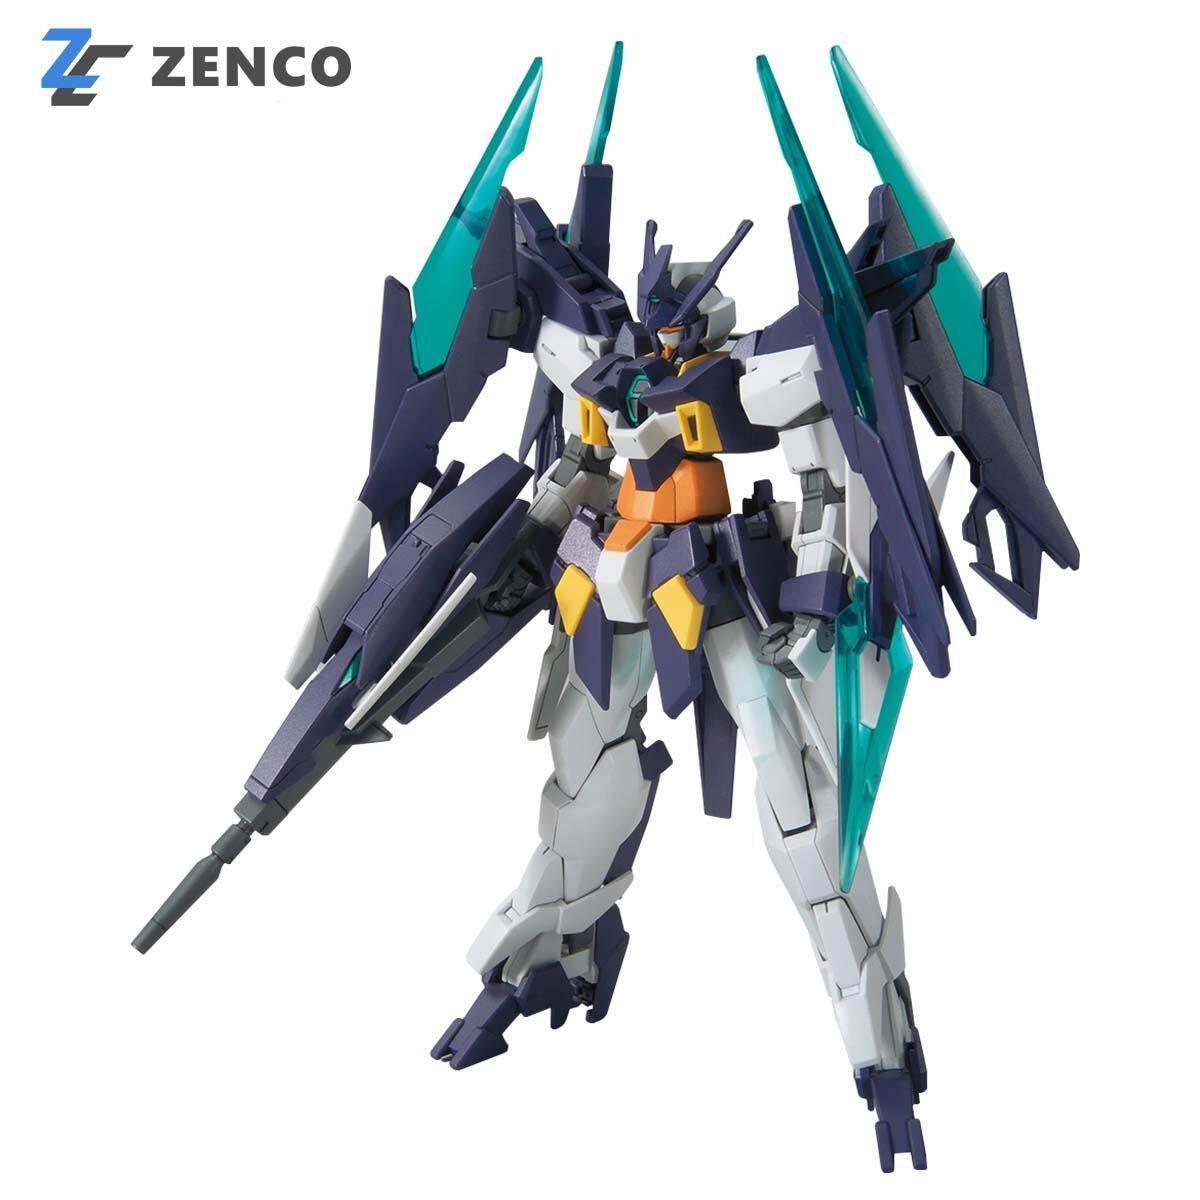 ขาย Bandai Hg Gundam Age Ii Magnum 1 144 ใหม่